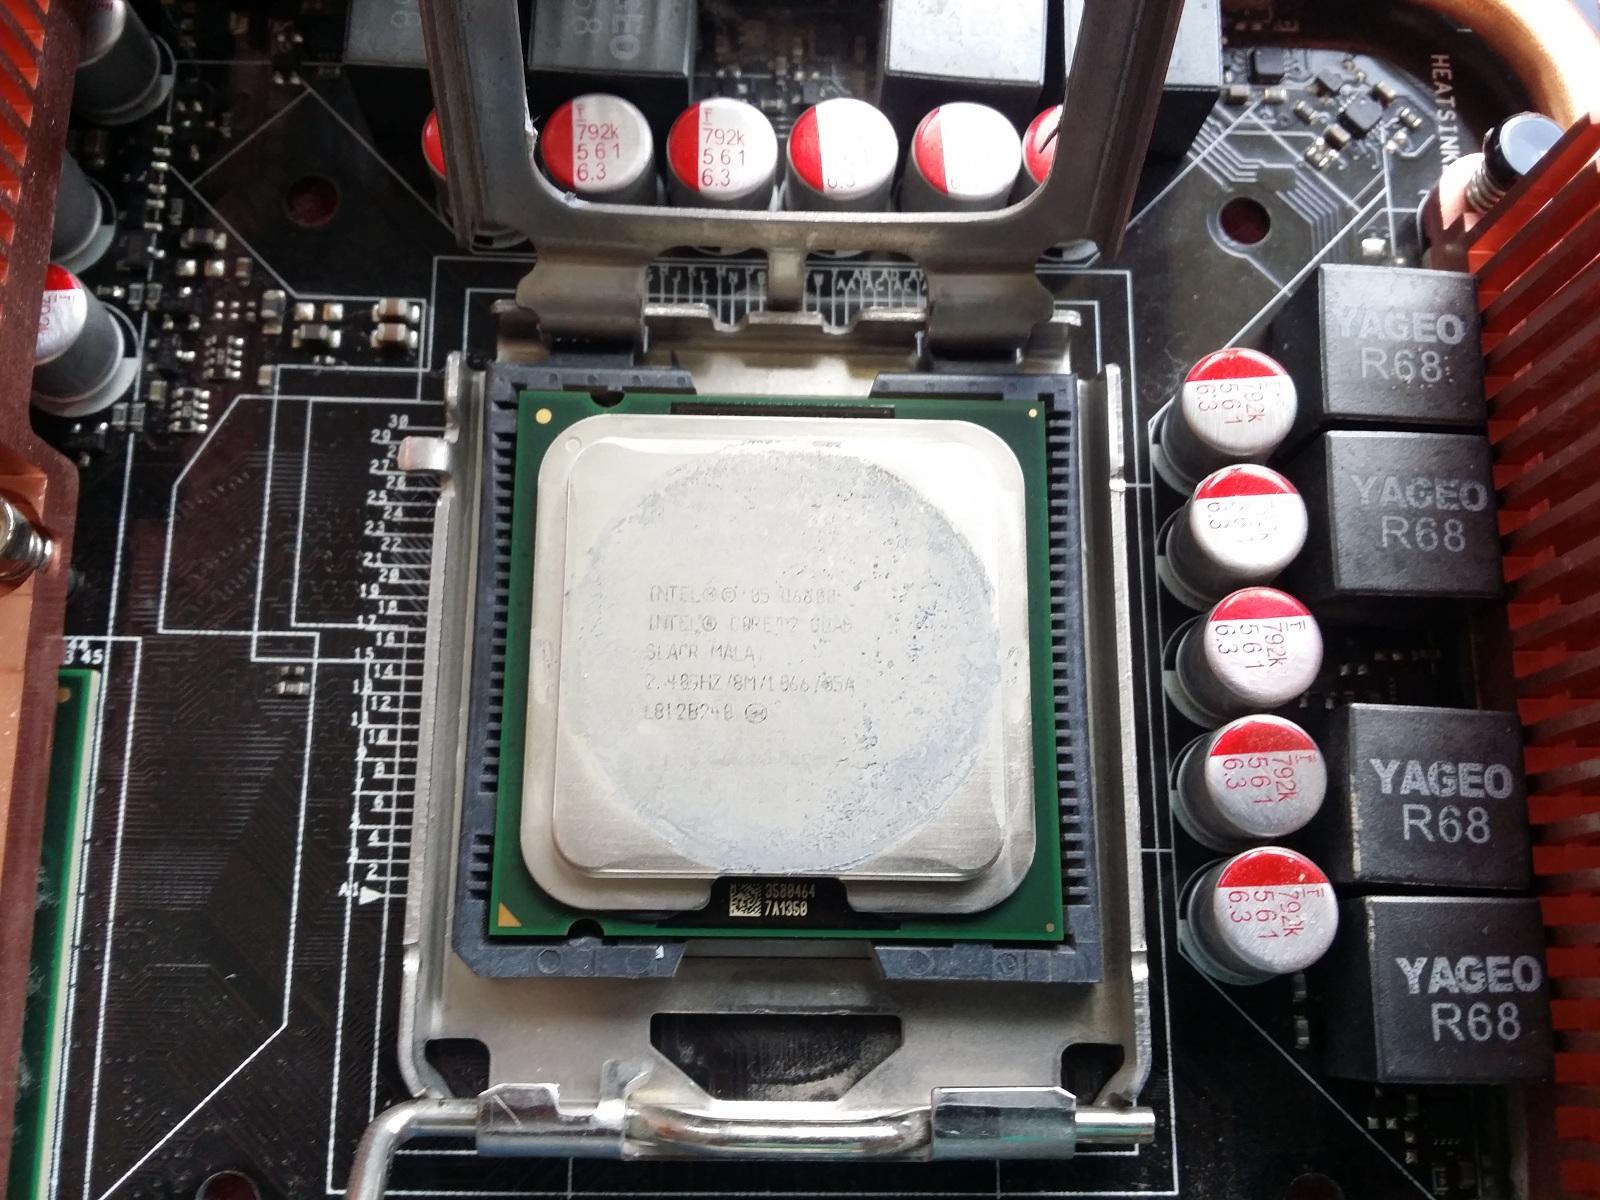 Sockel 775 am Limit: 771 Xeon mit Mod-Sticker auf normalen